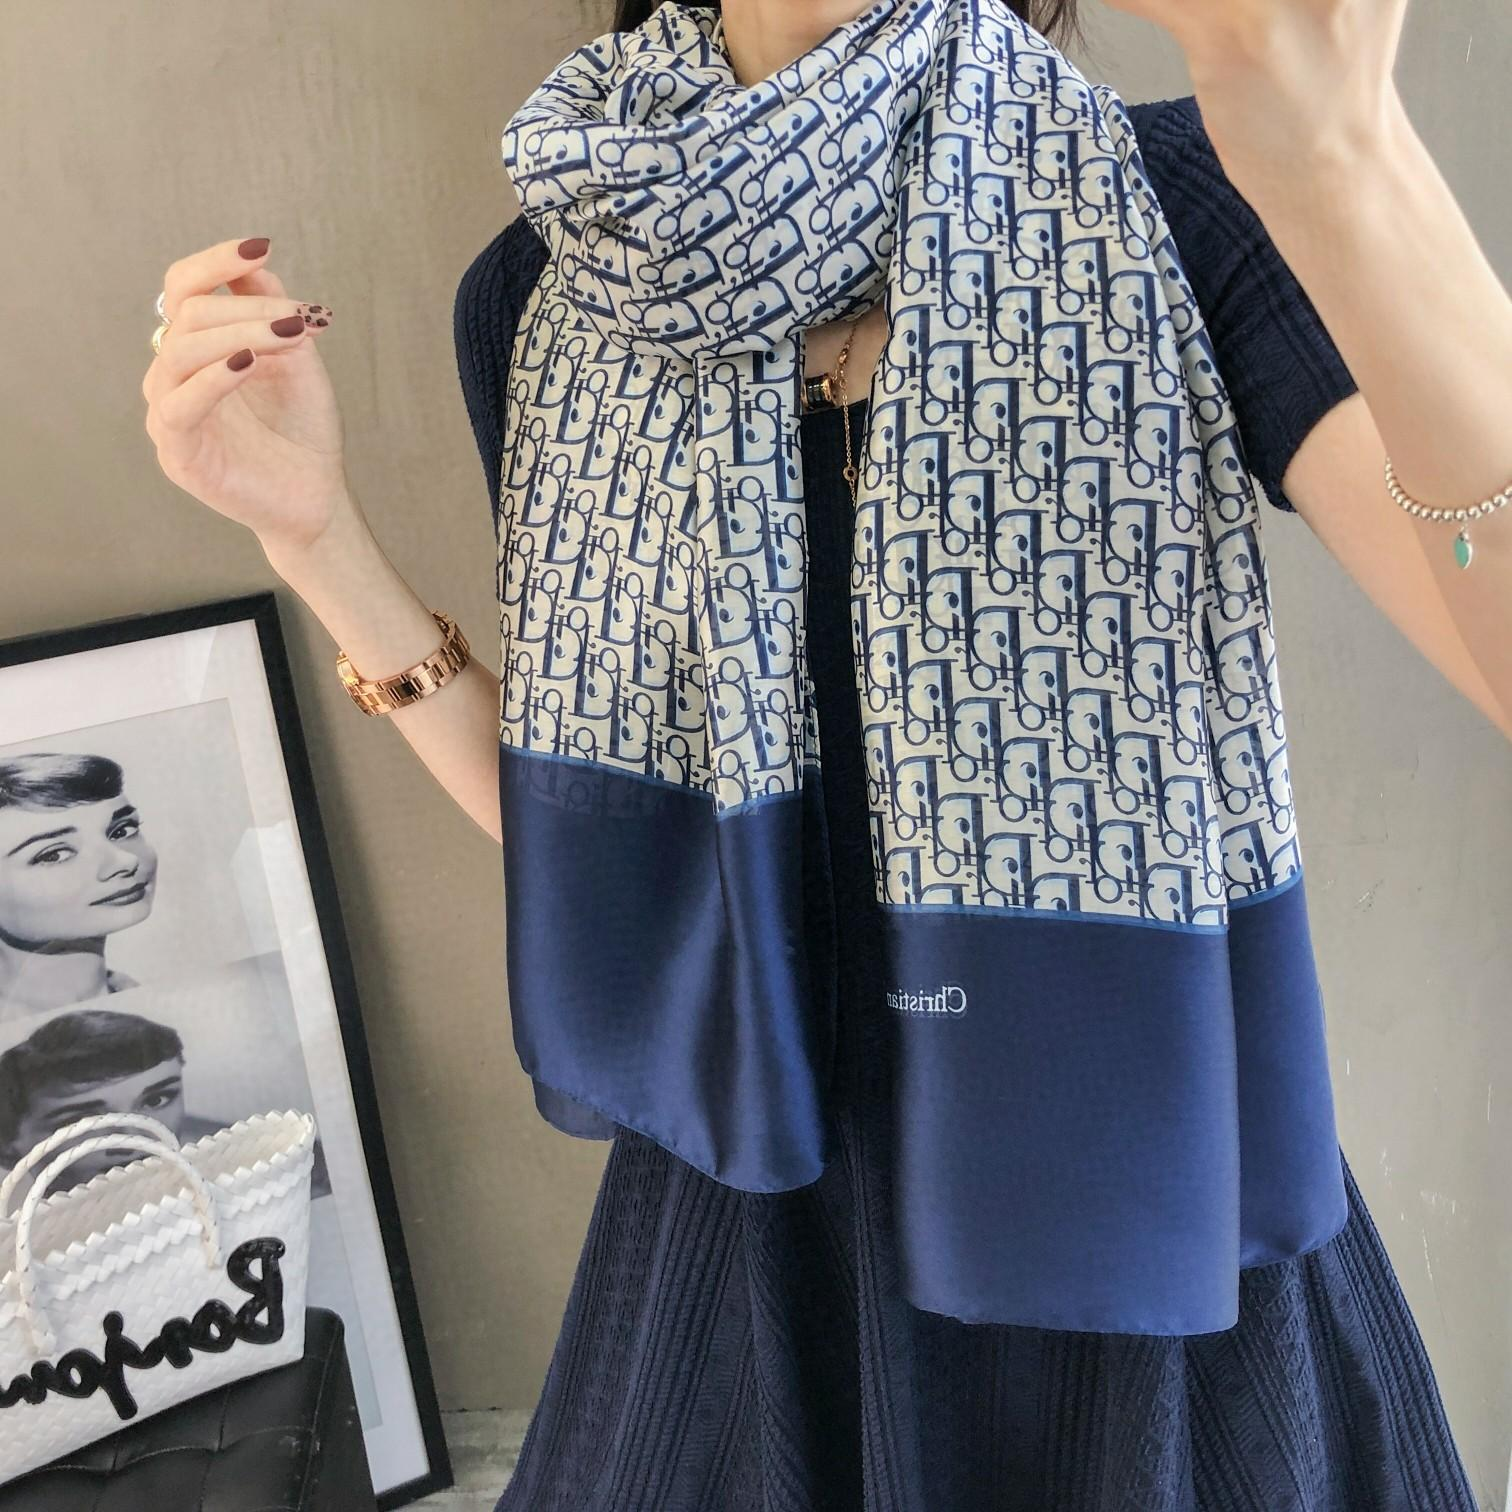 Neue Luxus-Eis einziger Chiffonschal Designer Marke 180 * 90 Top vier Jahreszeiten Reise Schal weich langer Druck Schal Großhandel T9 Frauen